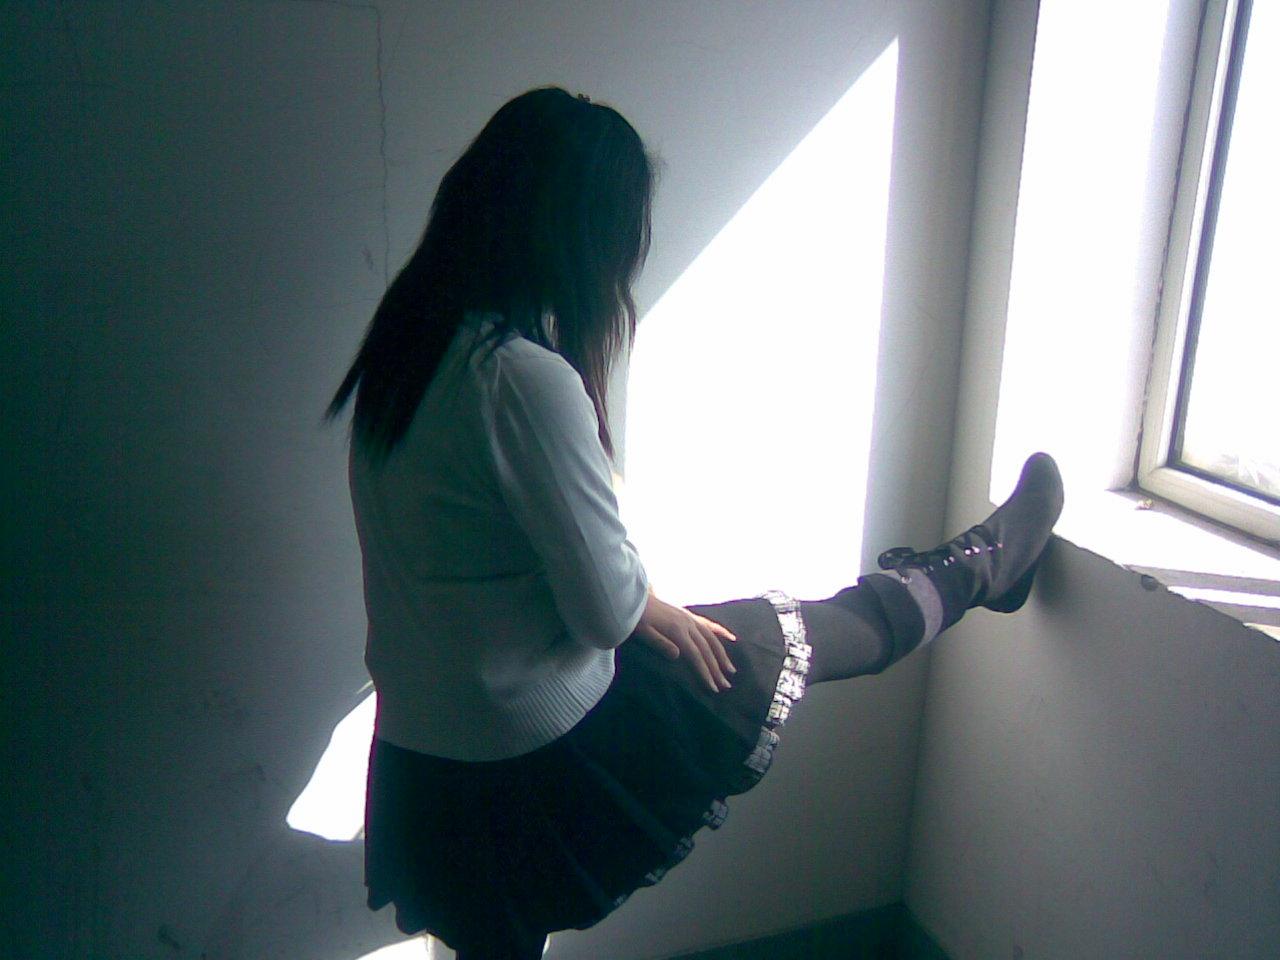 脱掉死亡女生的靴子捏脚是抢救方法还是变态行为?